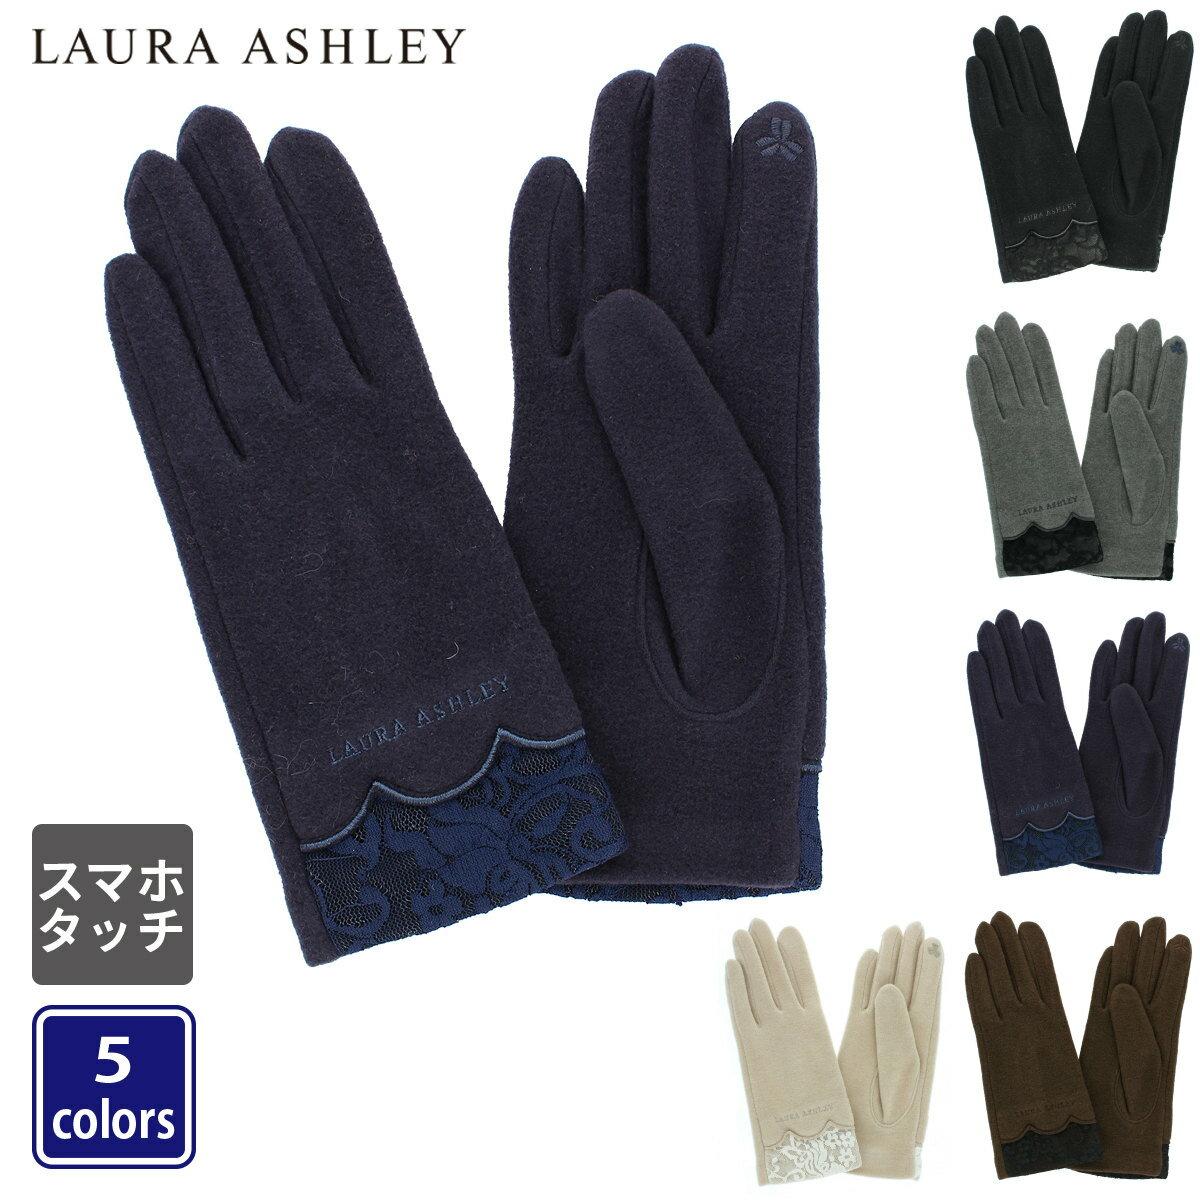 LAURA ASHLLEY ローラ アシュレイ レディ—ス 女性用手袋   てぶくろ ギフト プレゼント 裾レース エレガント スマホ タッチパネル対応 可愛い Mサイズ 全5色